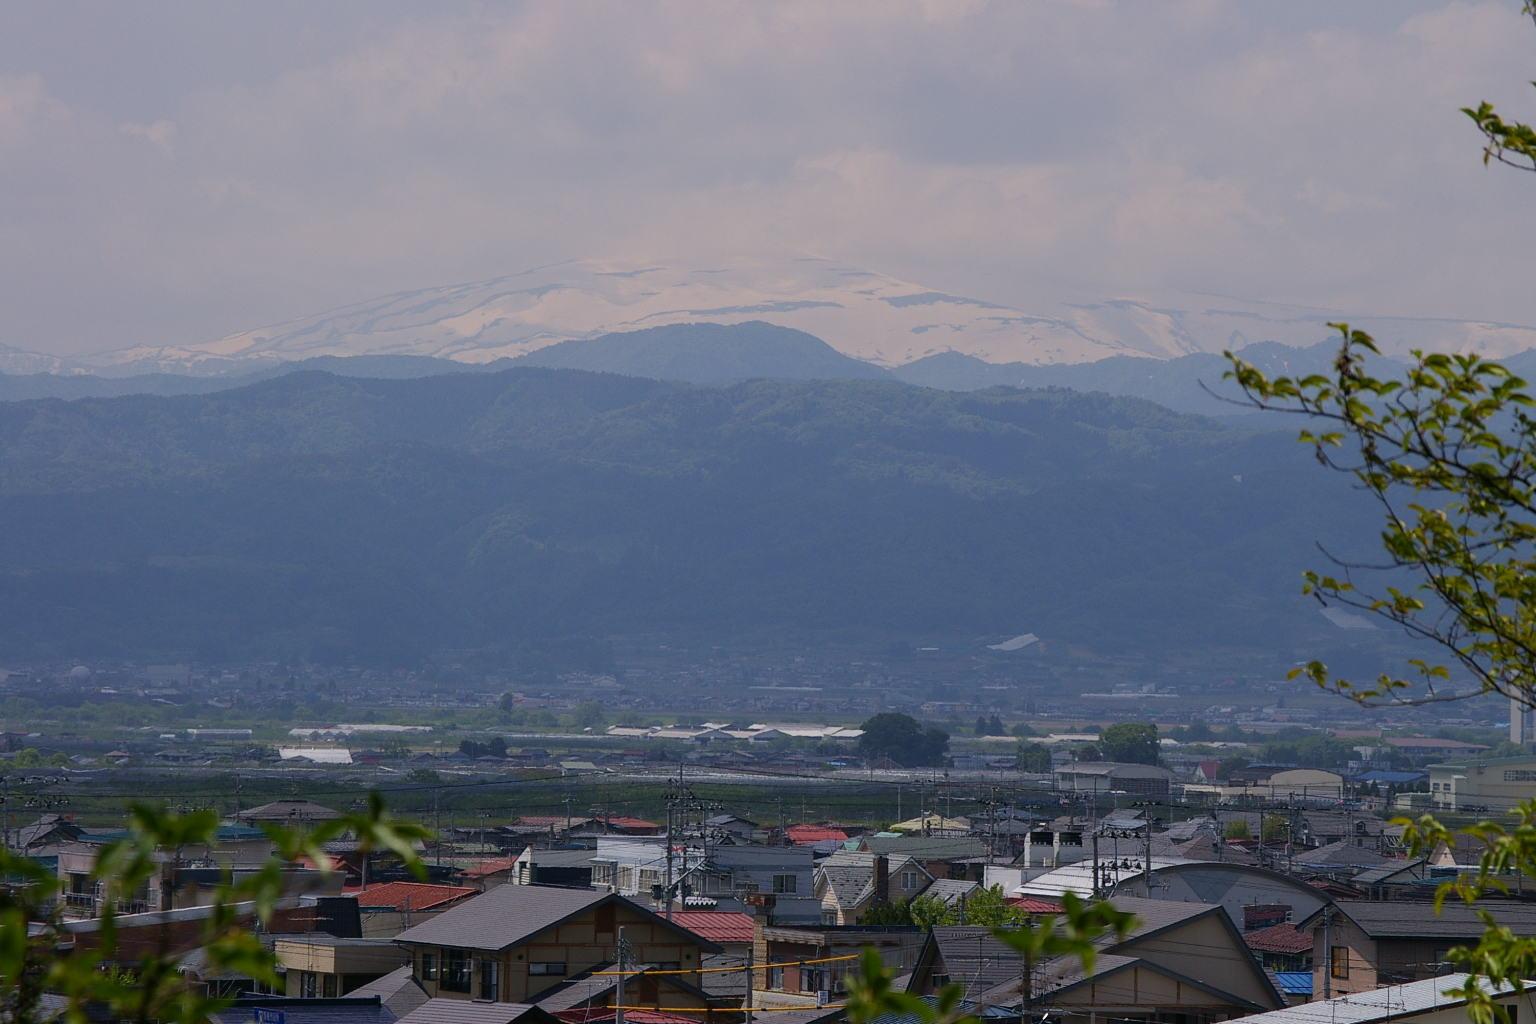 「雲の峰 いくつ崩れて 月の山」